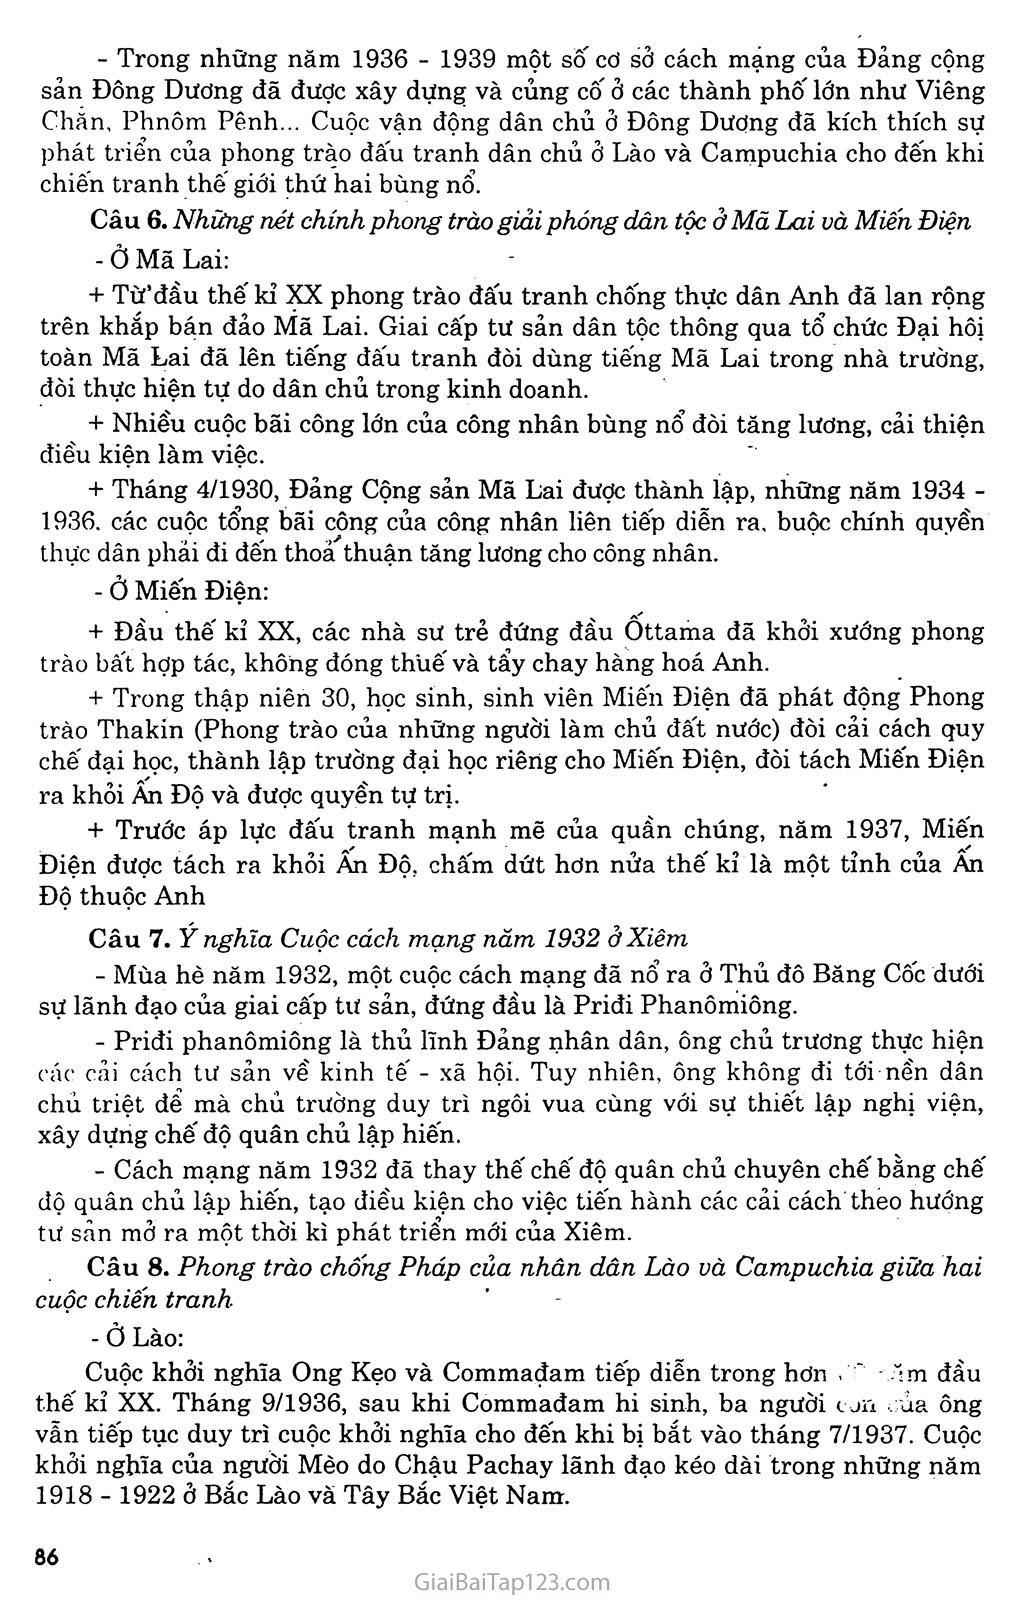 Bài 16: Các nước Đông Nam Á giữa hai cuộc chiến tranh thế giới (1918 - 1939) trang 7